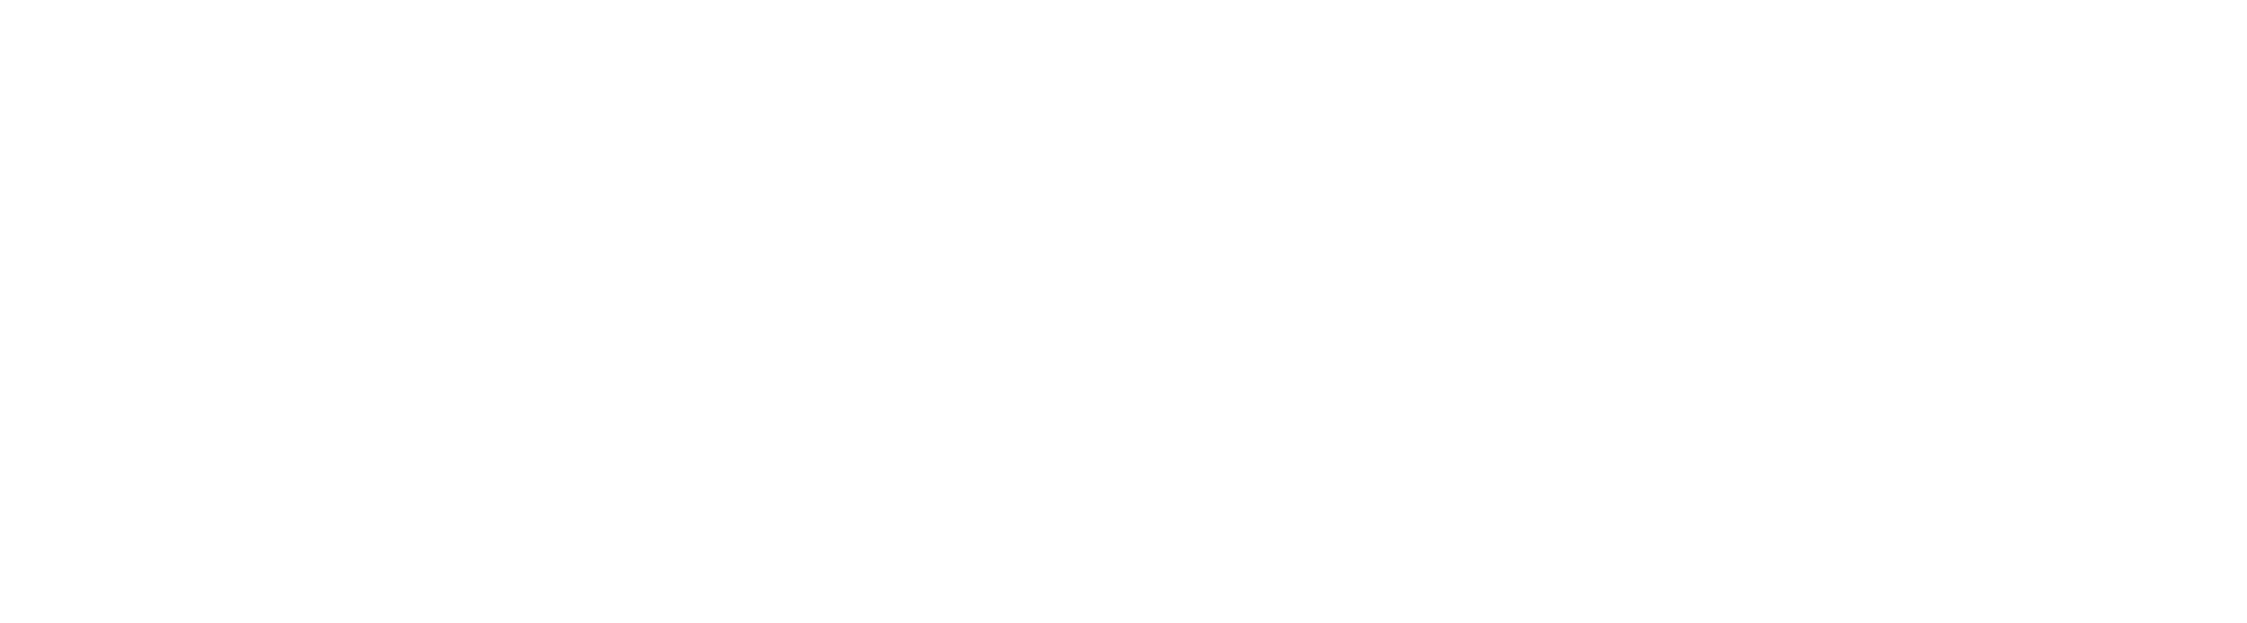 castle rock ear associates logo